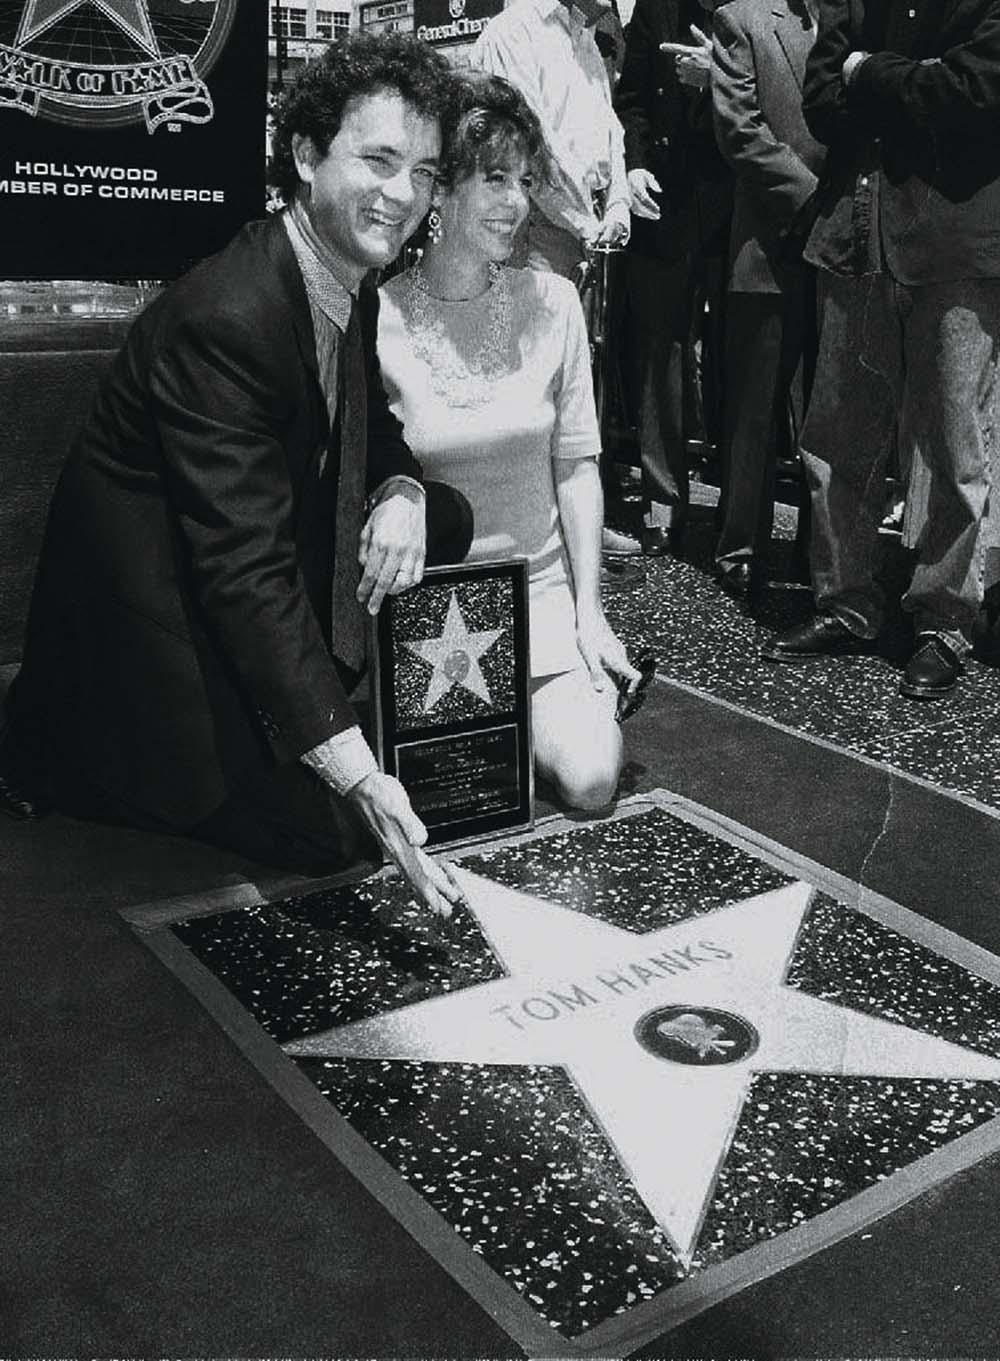 Том Хэнкс Хенкс в молодости фильмы день рождения вторая жена Рита Уилсон аллея славы